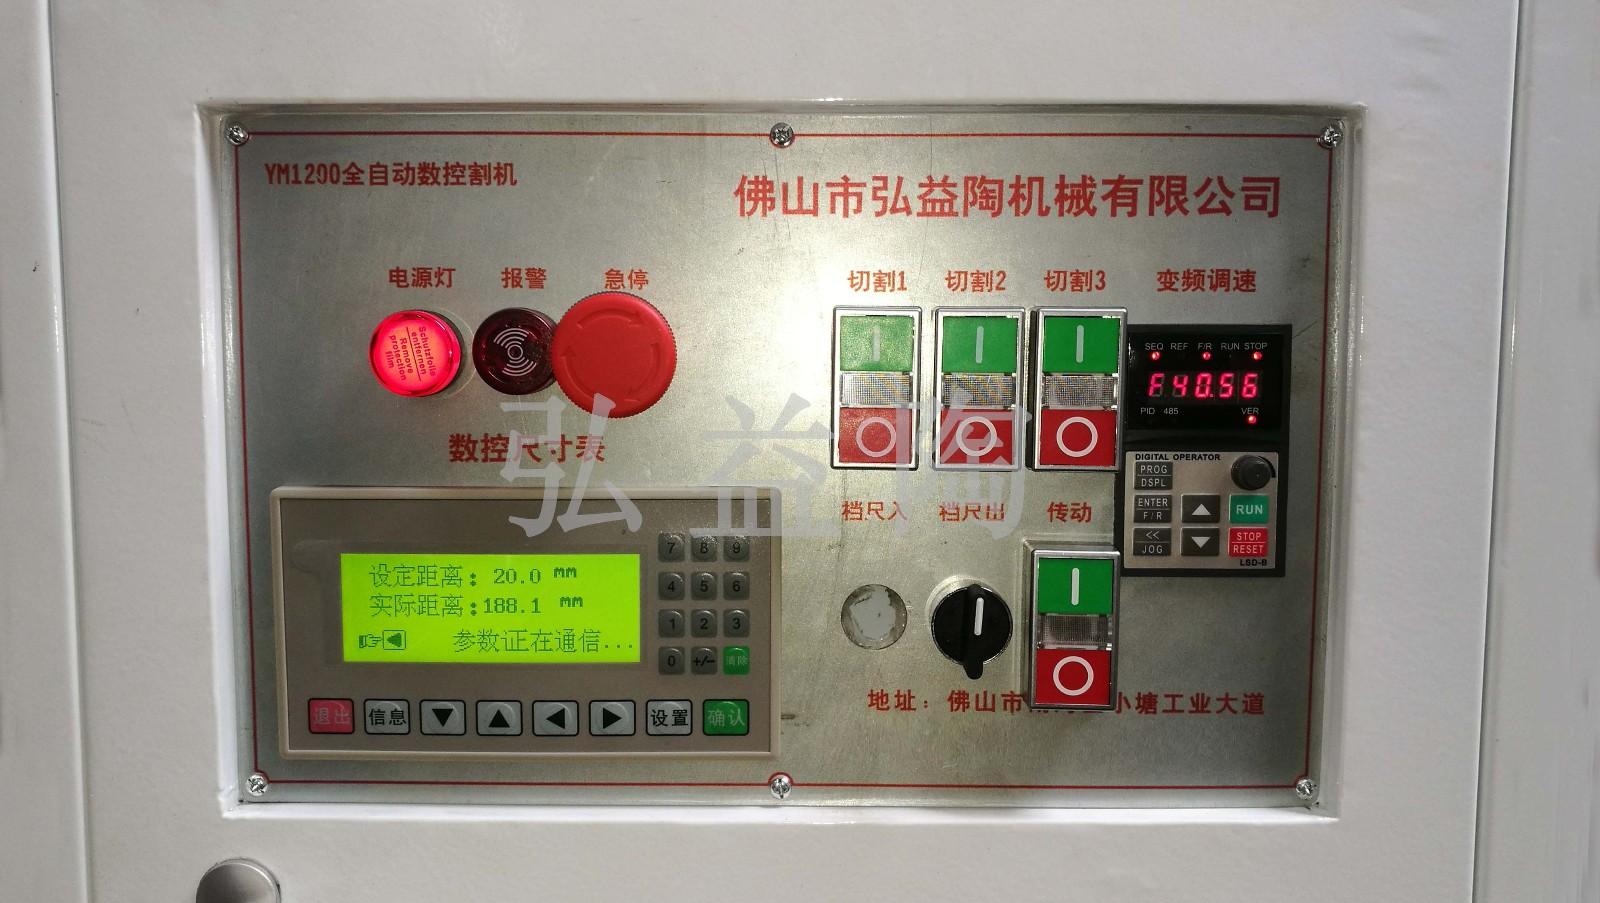 HYT1200型数控三刀切割机|瓷砖倒角机系列-ag官方网站安卓下载